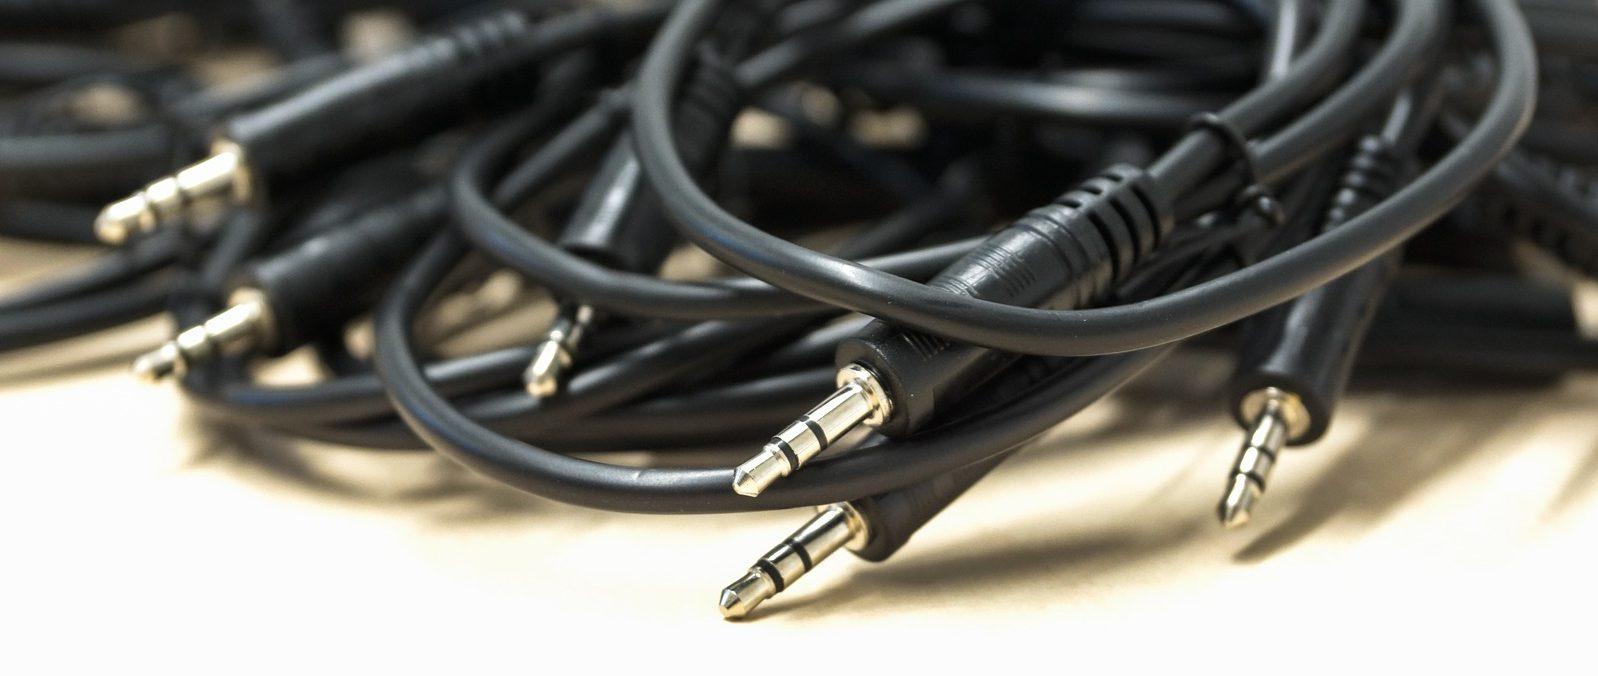 Audio-Video Studiotechnik – mehr als nur Verkabeln!